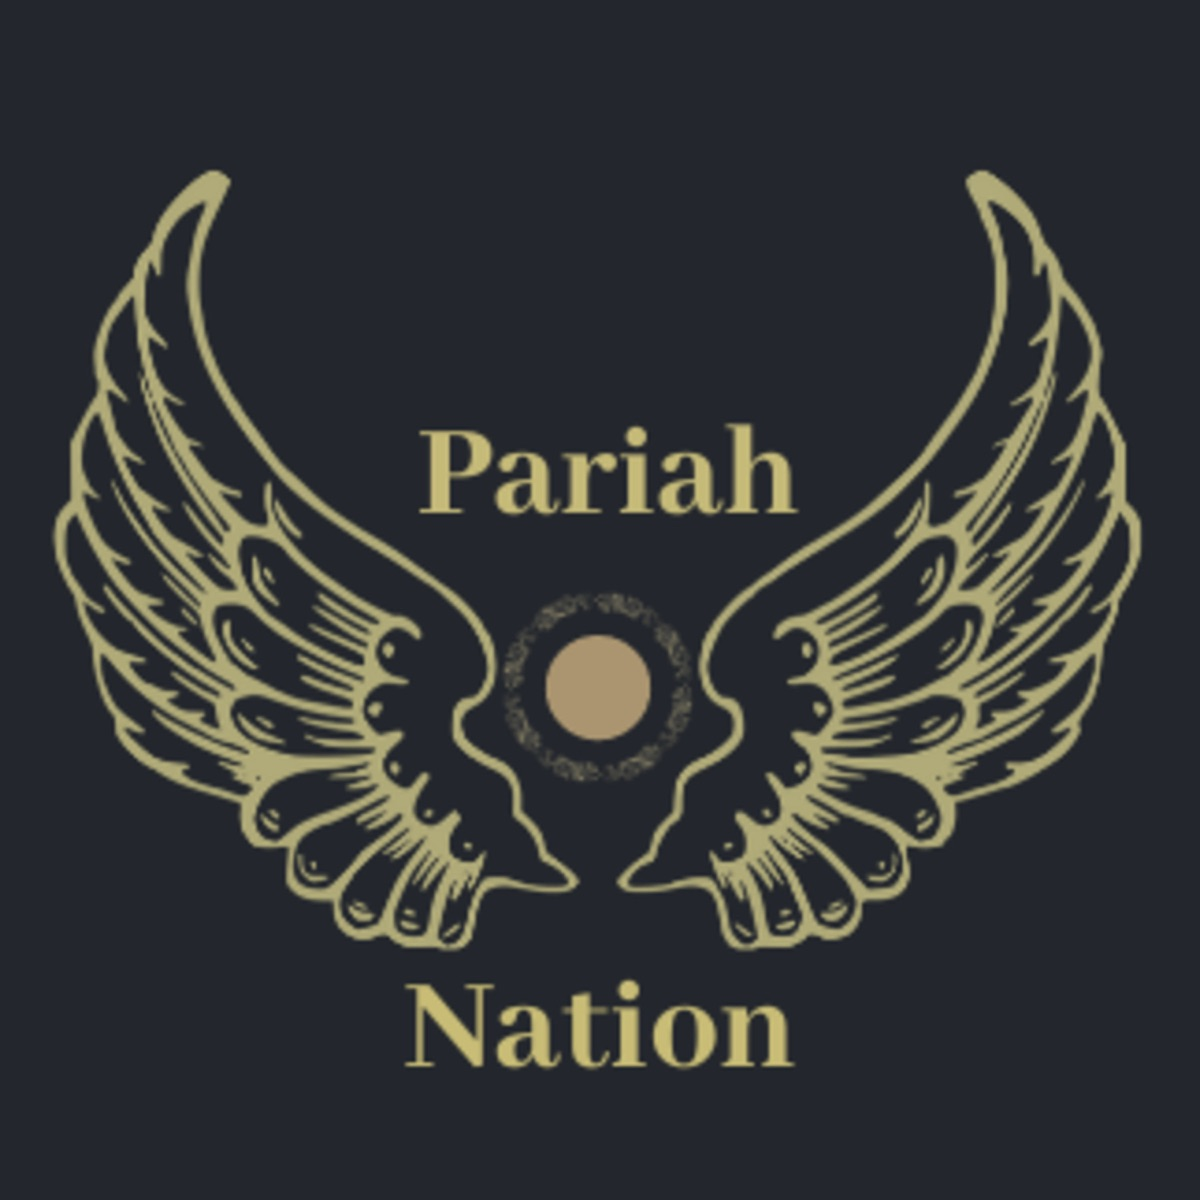 Pariah Nation